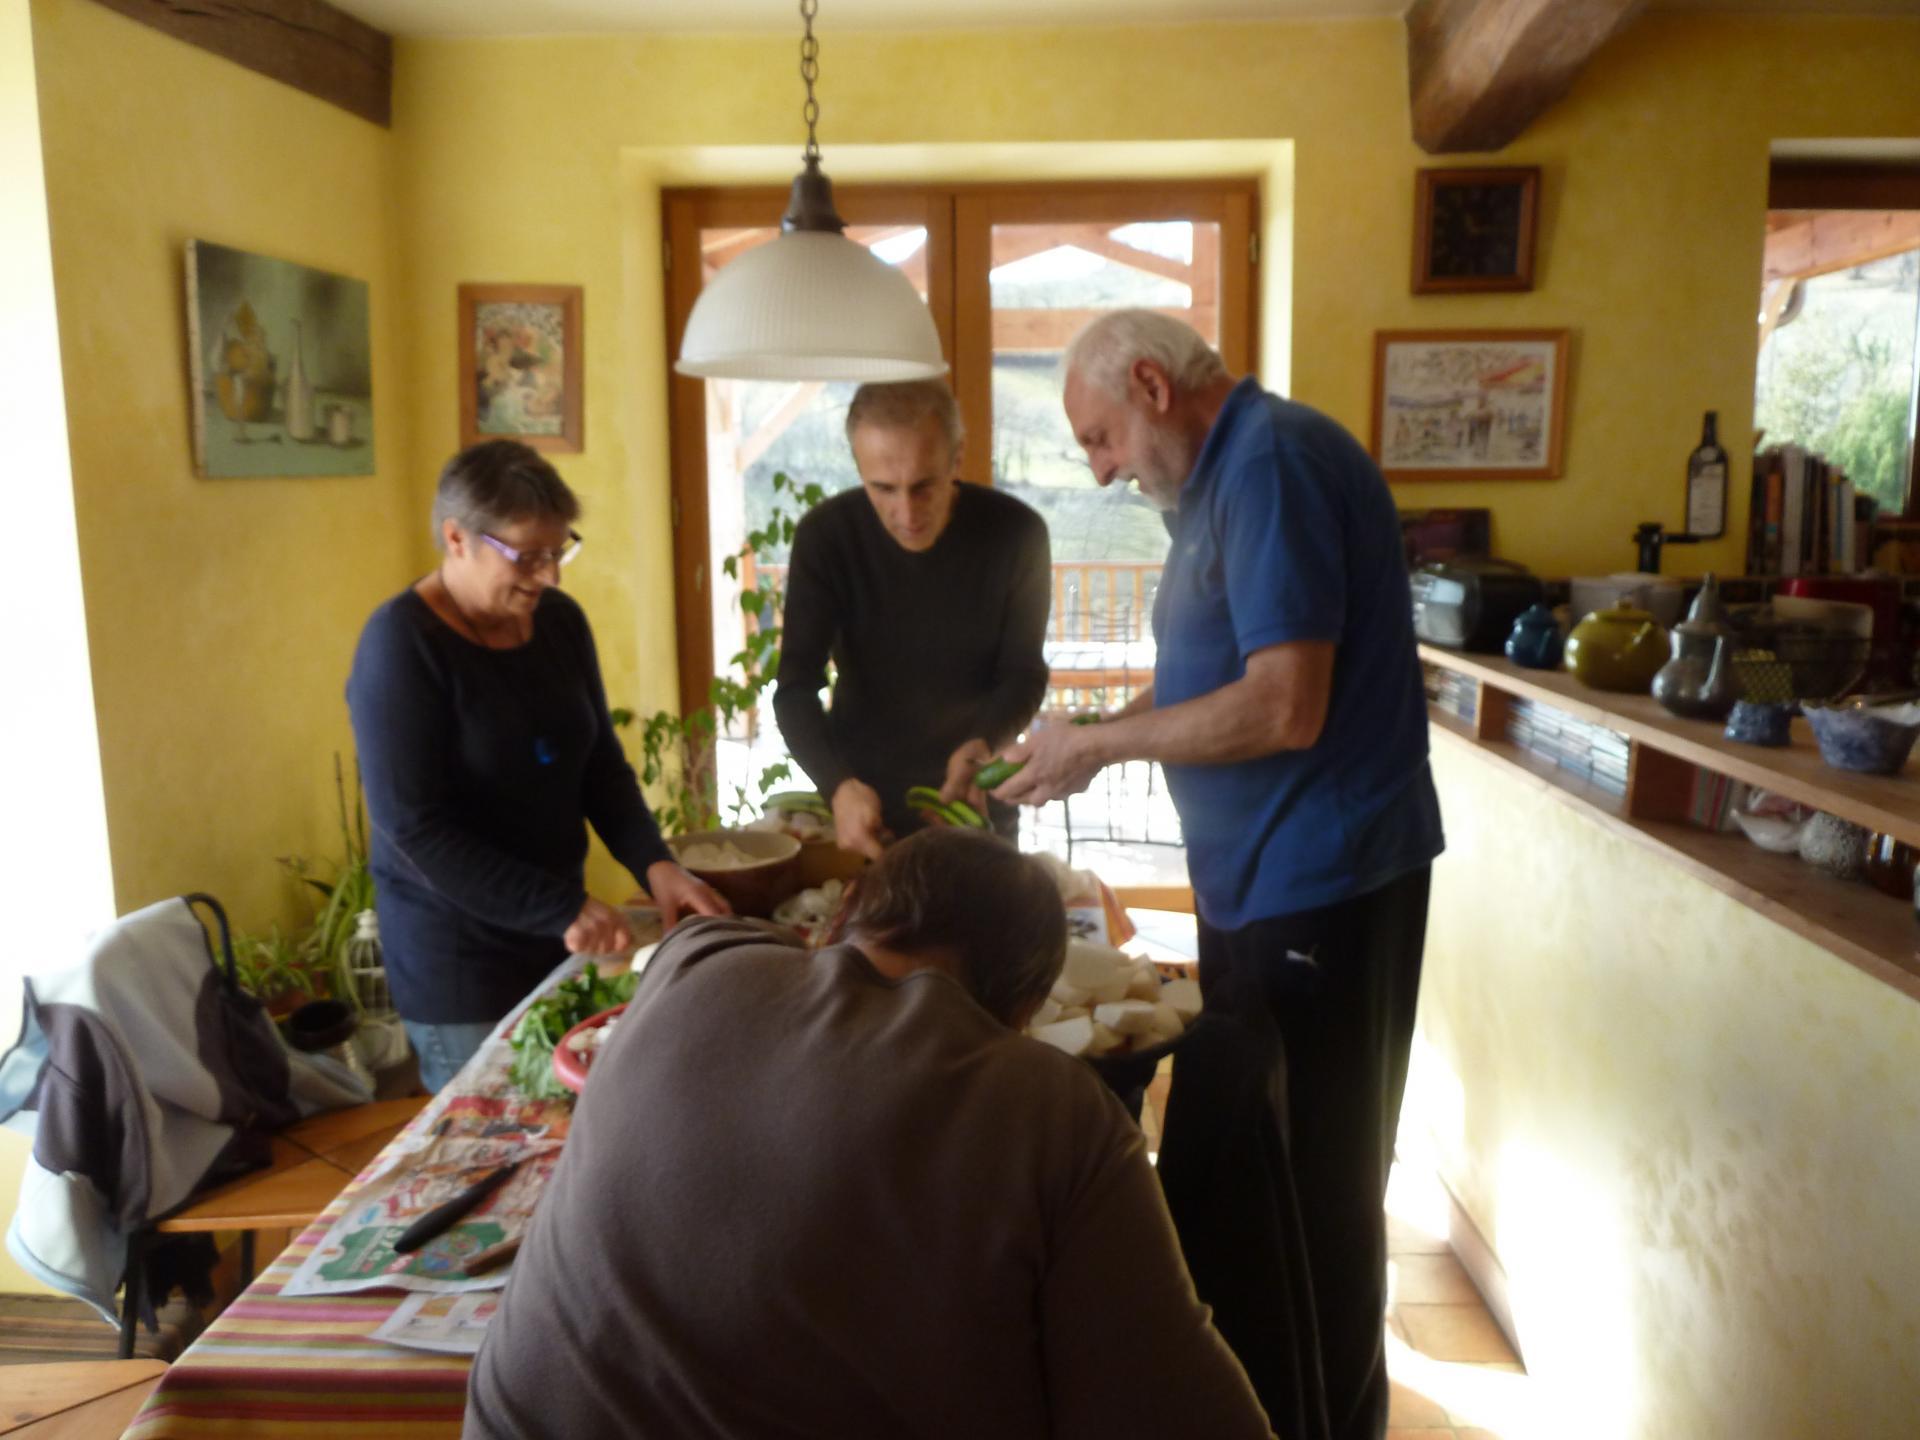 En cuisine : préparation du couscous